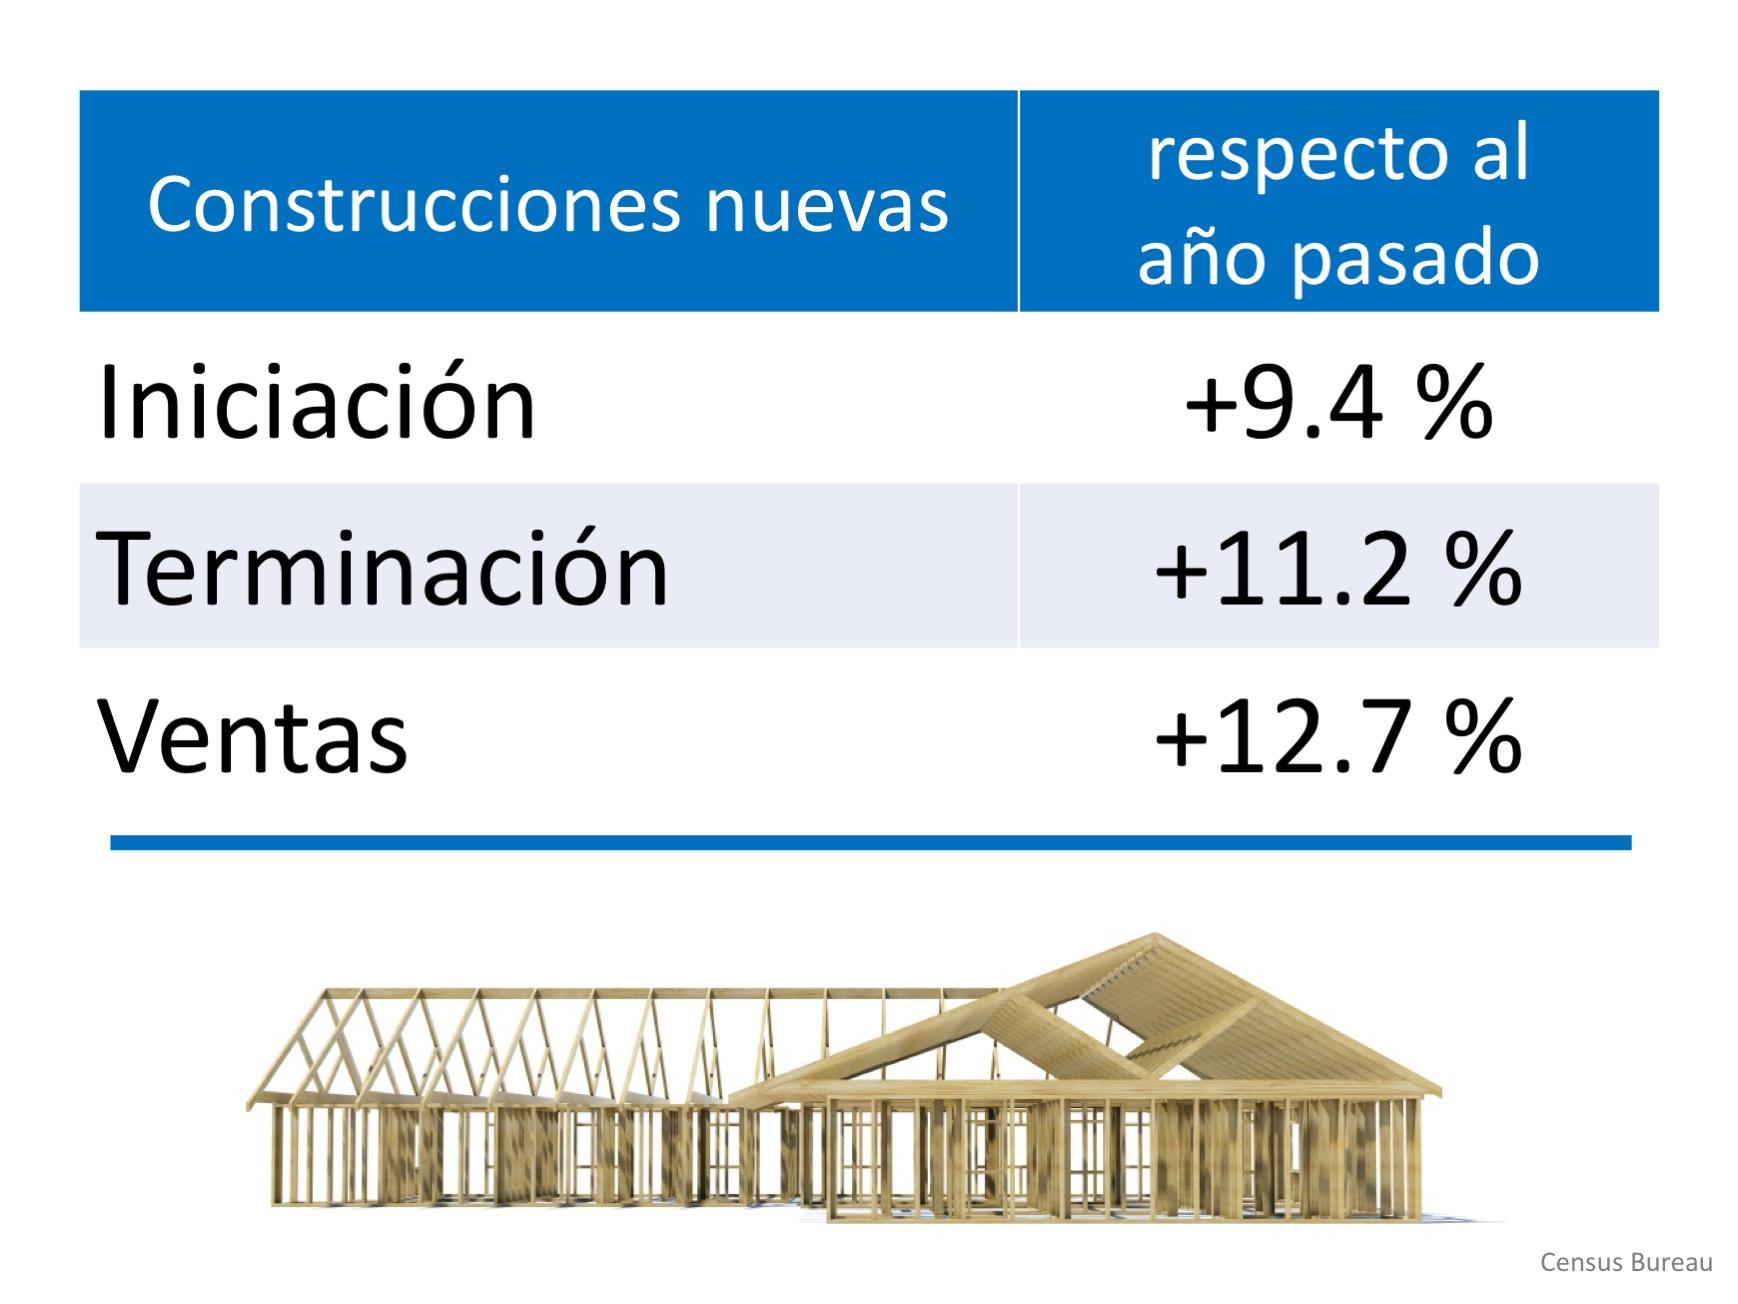 Las ventas de casas nuevas aumentaron 12.7 % respecto al año pasado | Simplifying The Market